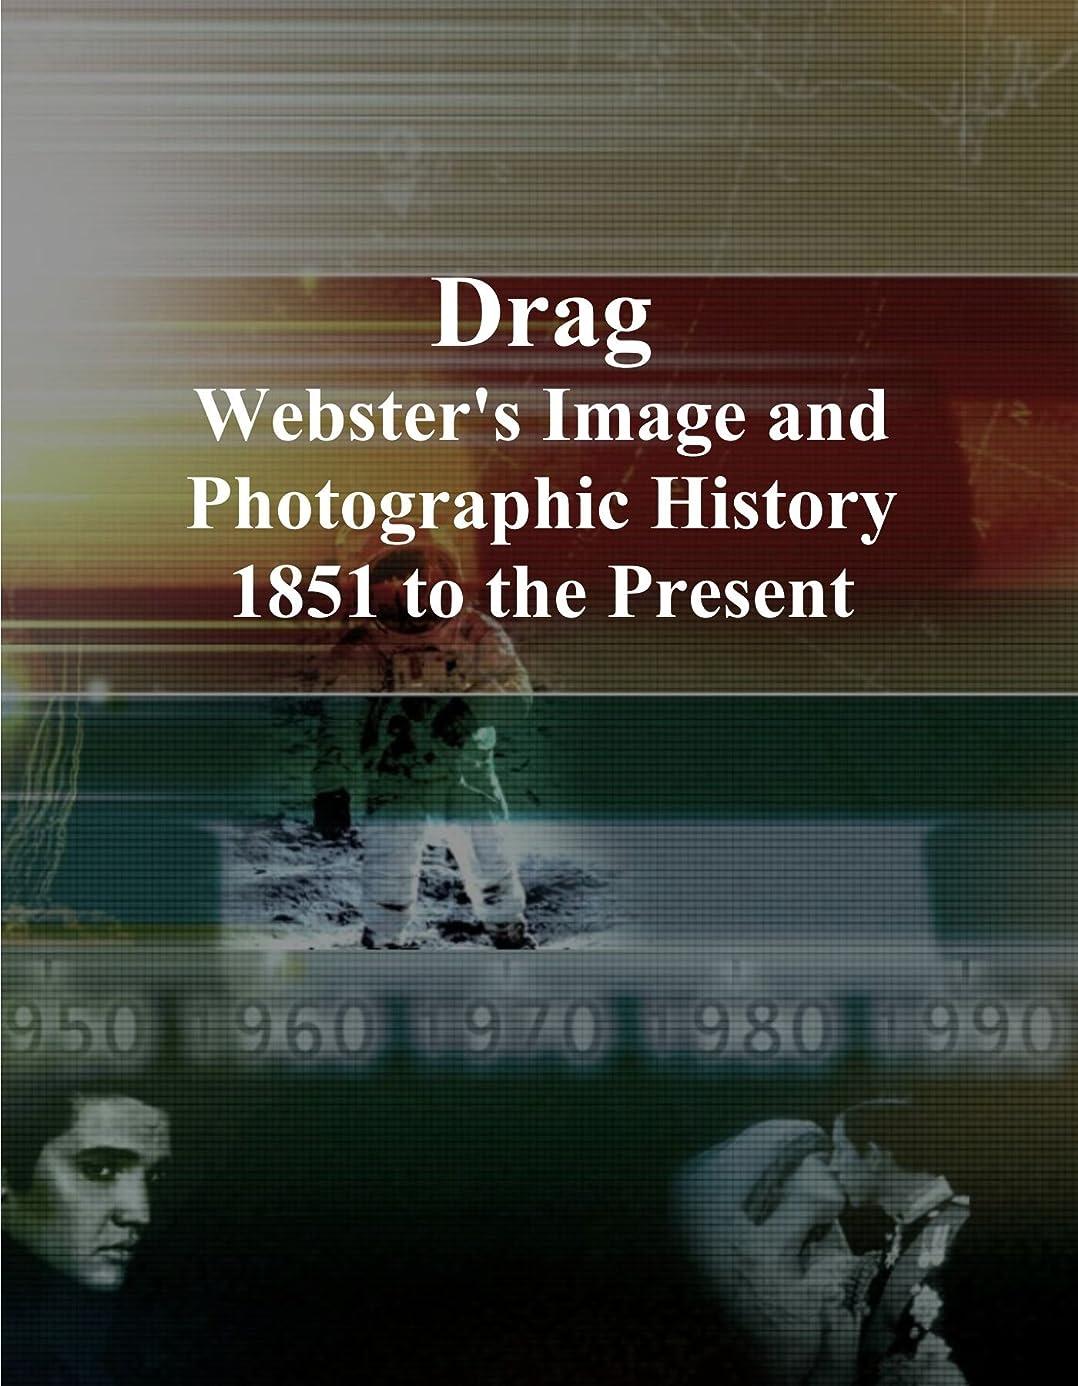 延ばすカセット借りるDrag: Webster's Image and Photographic History, 1851 to the Present